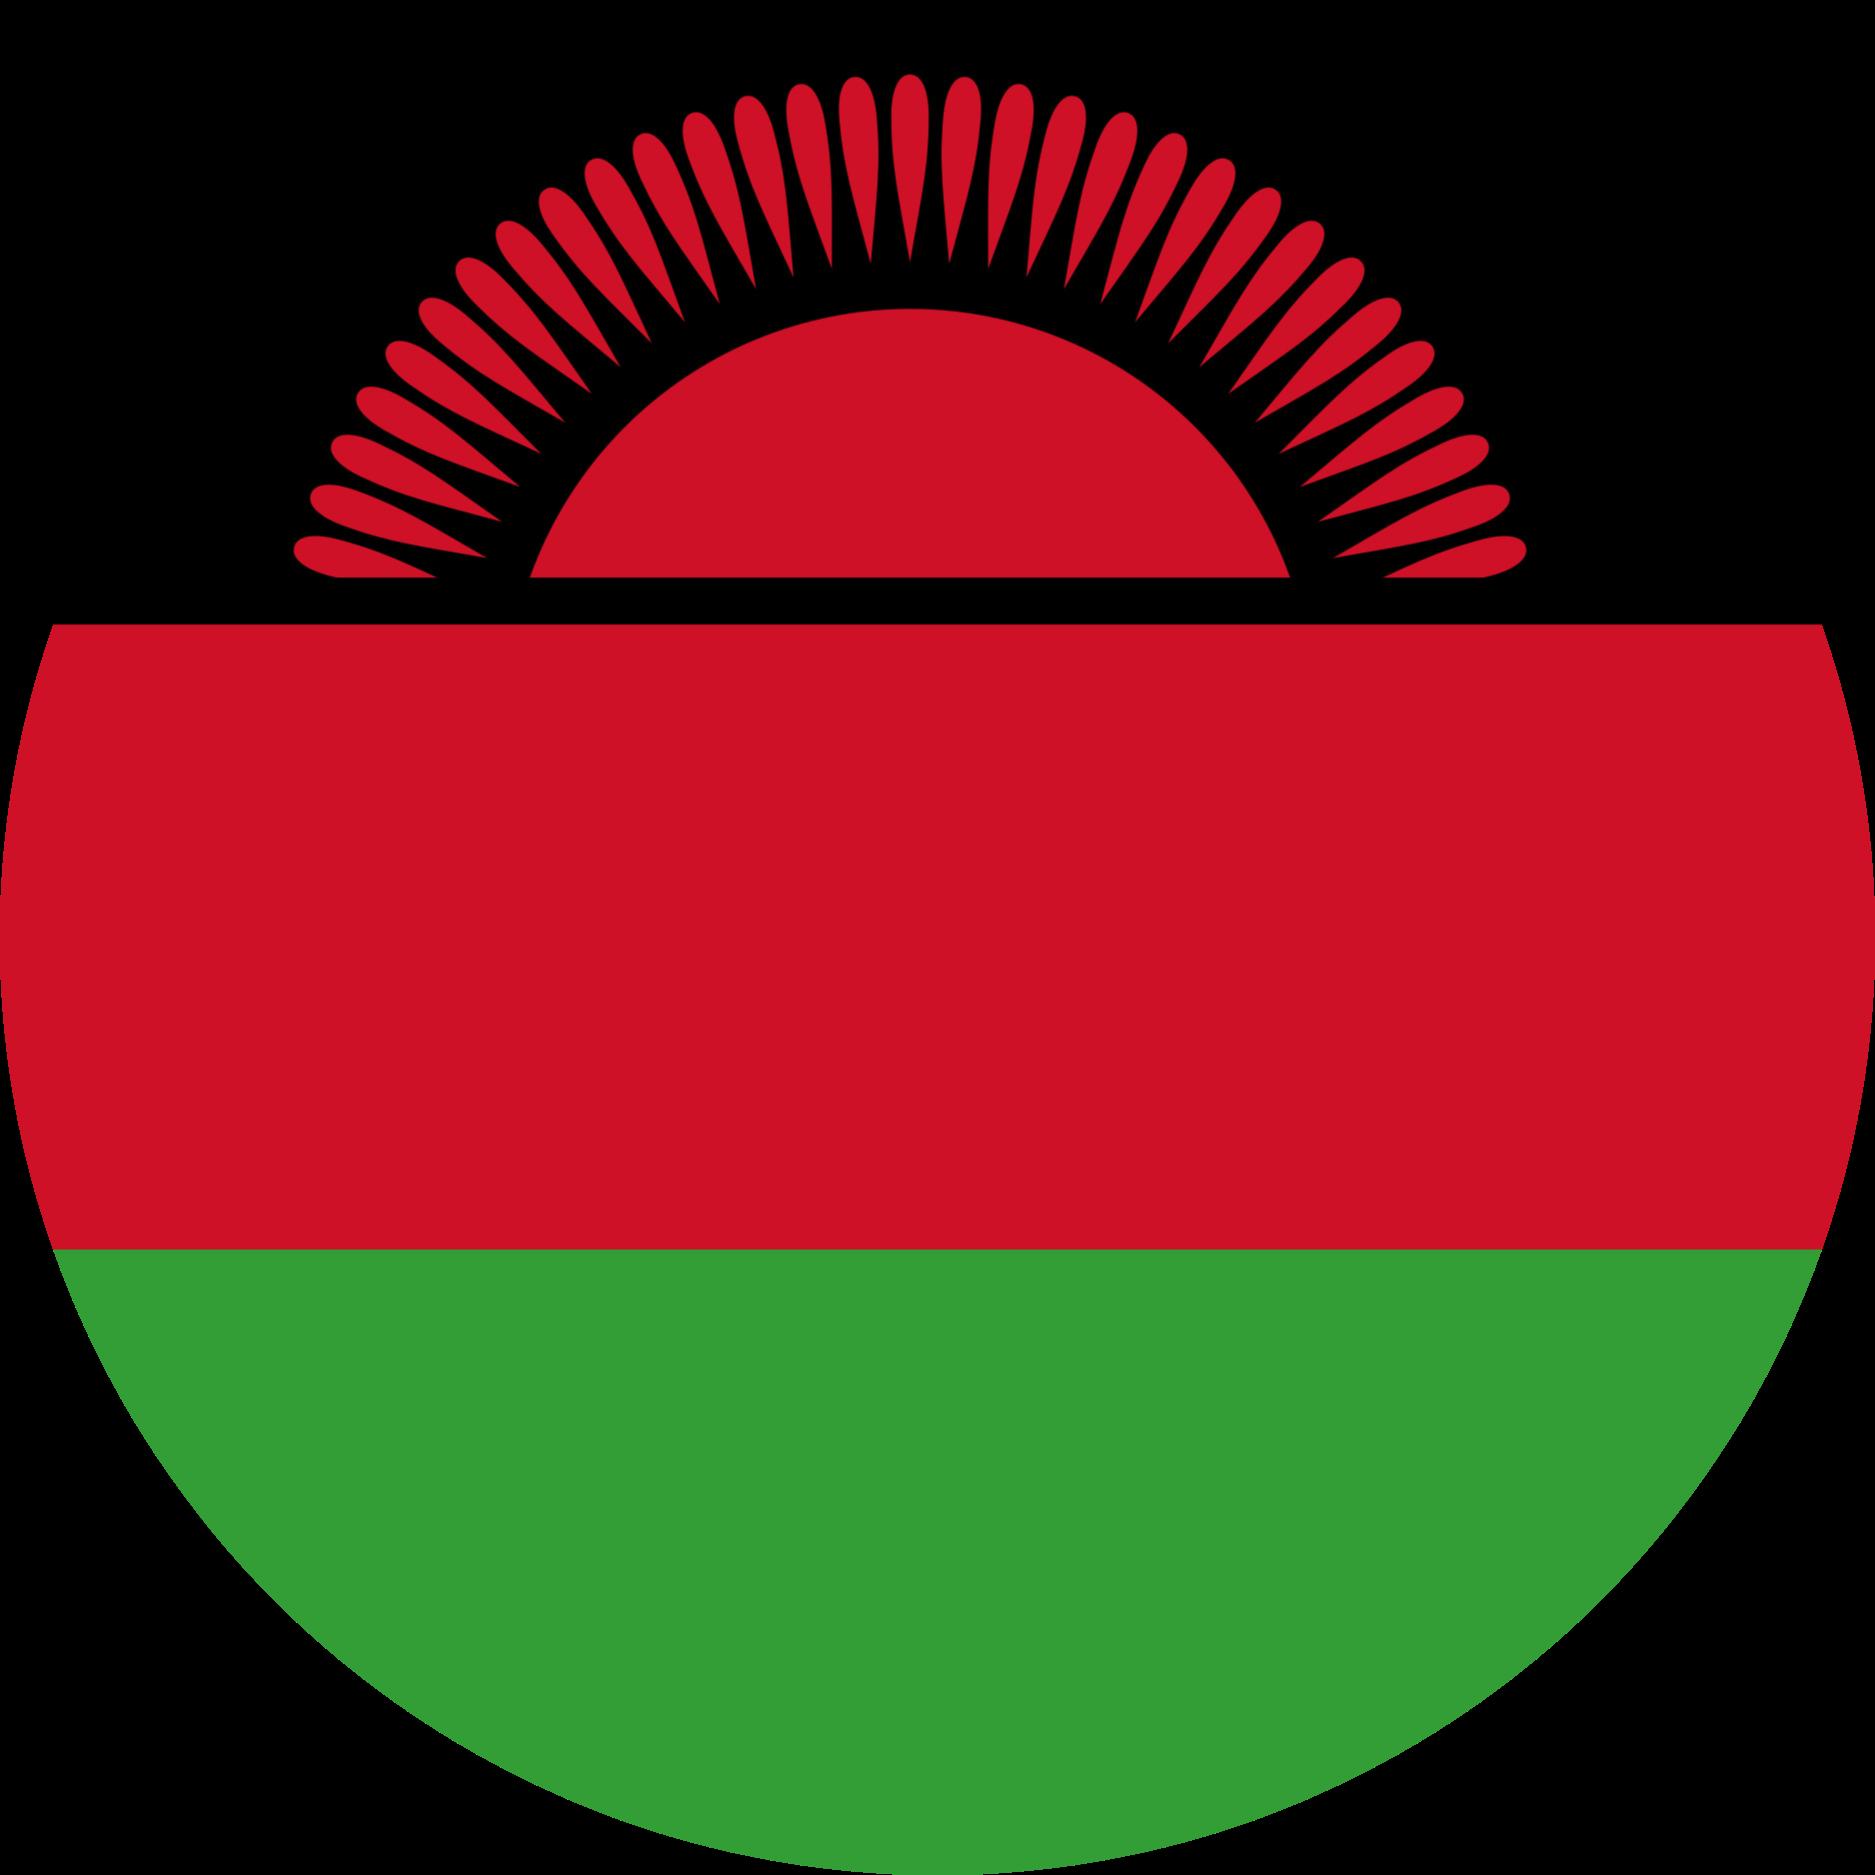 Malawi Flag Emoji